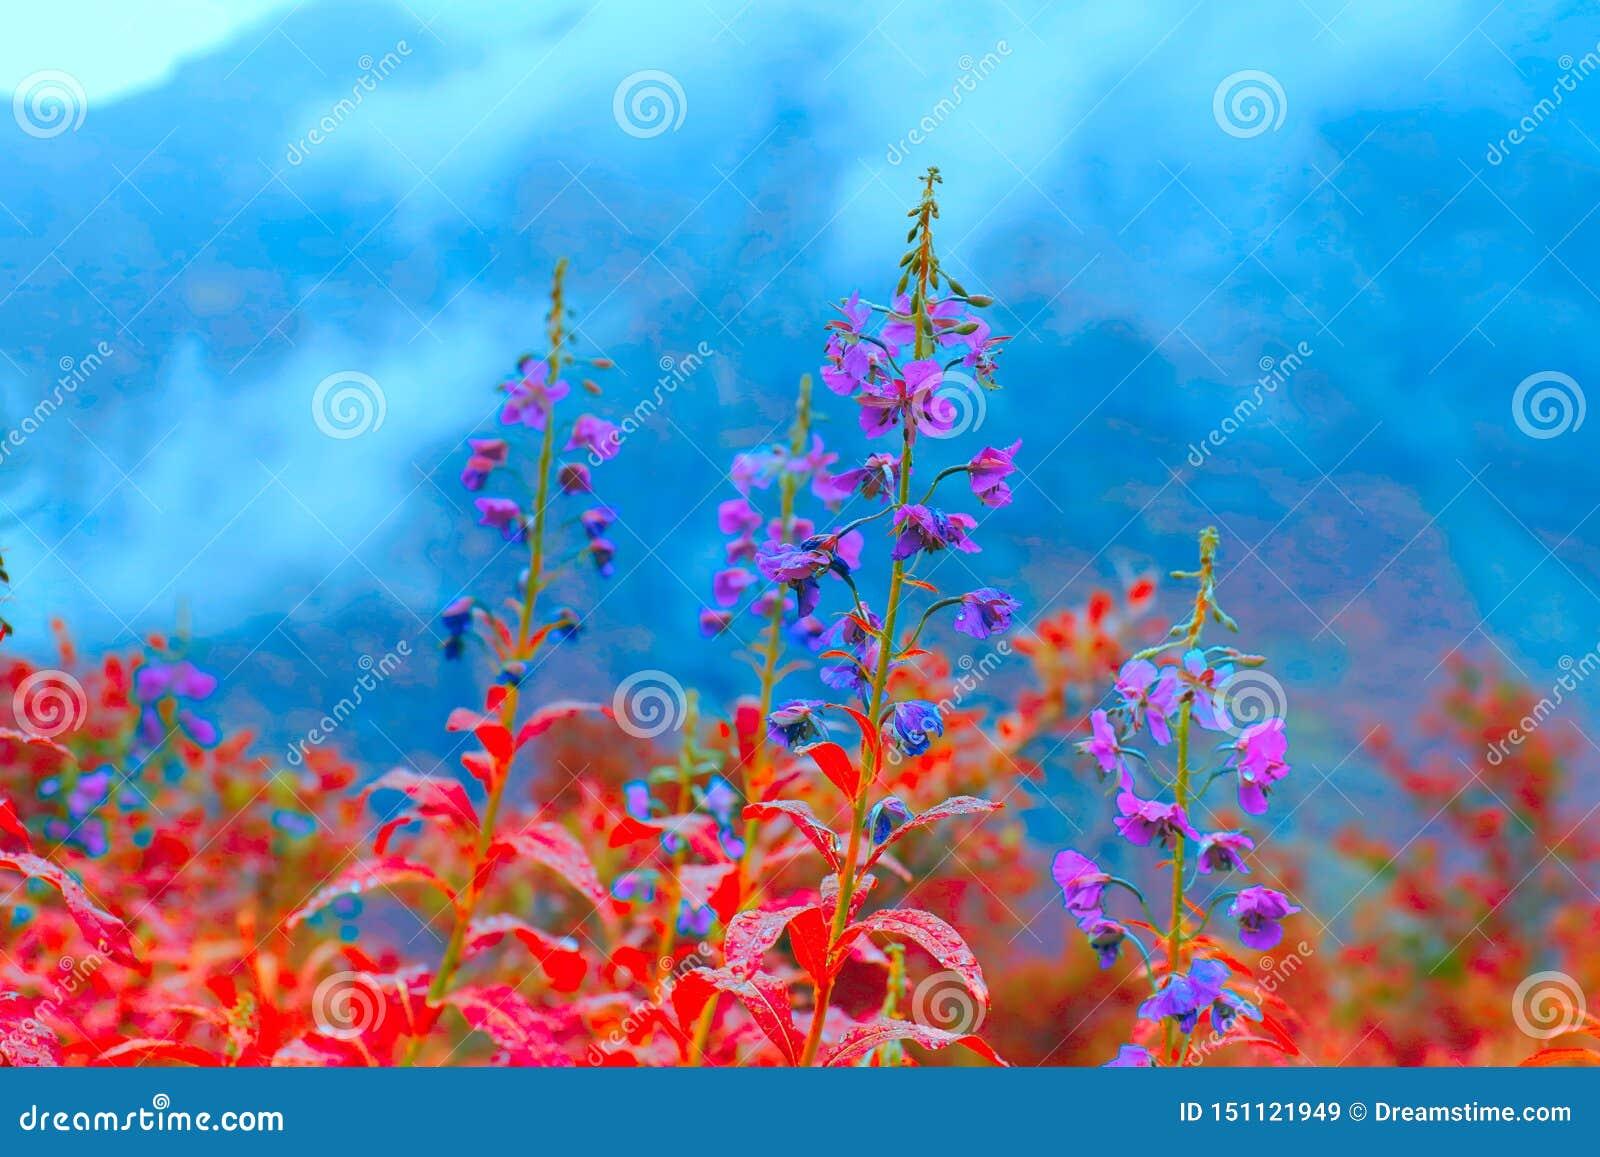 Fiori rossi e blu del medow nordico Bei fiori selvaggi colourful dagli altopiani